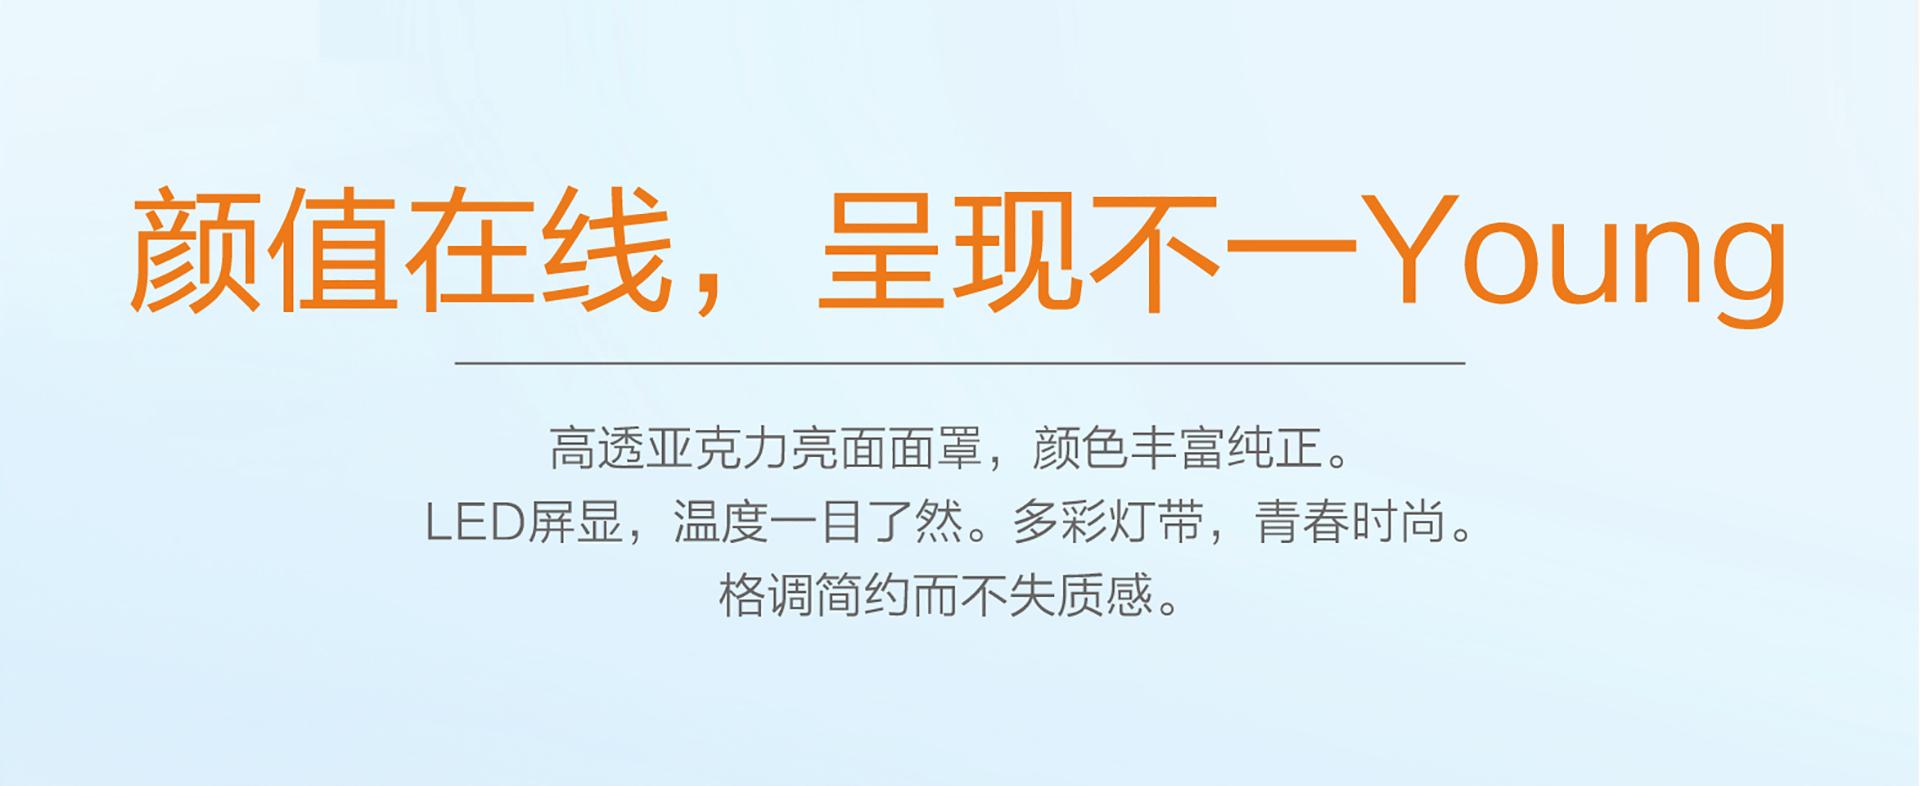 沐色 QDP3021A7